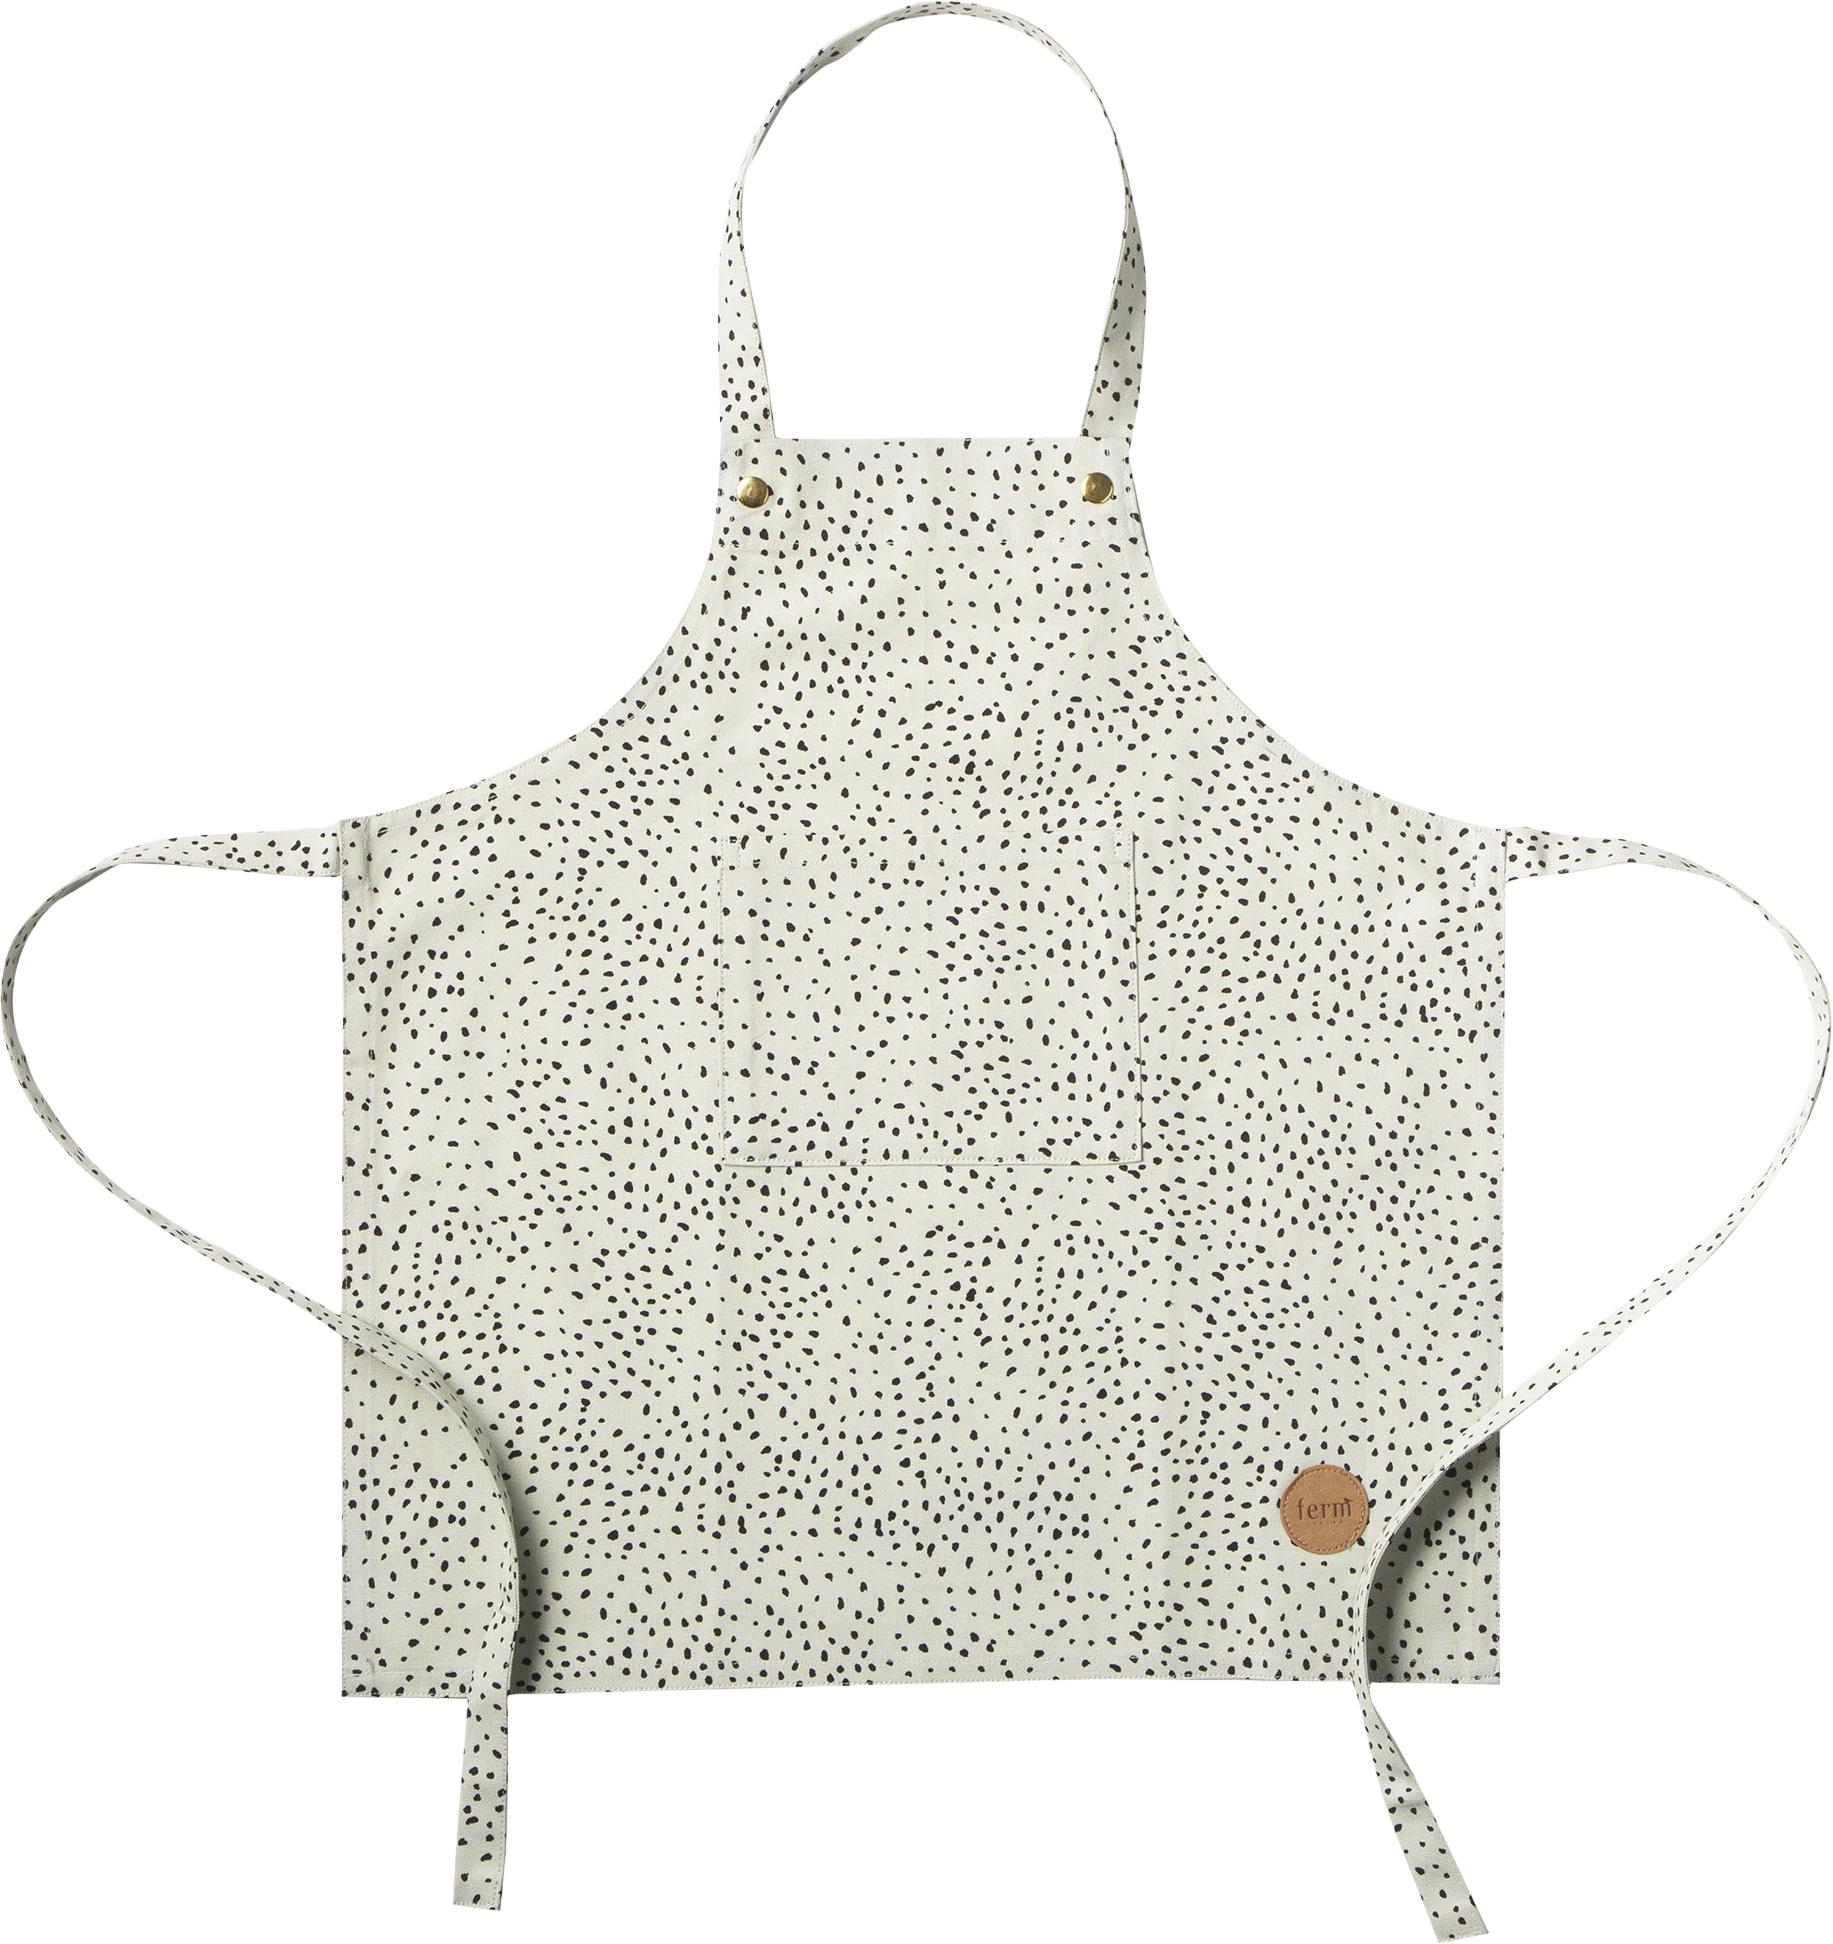 Ferm living – Ferm living - forklæde til børn, mint m. prikker, 2 stk. på lager fra pixizoo